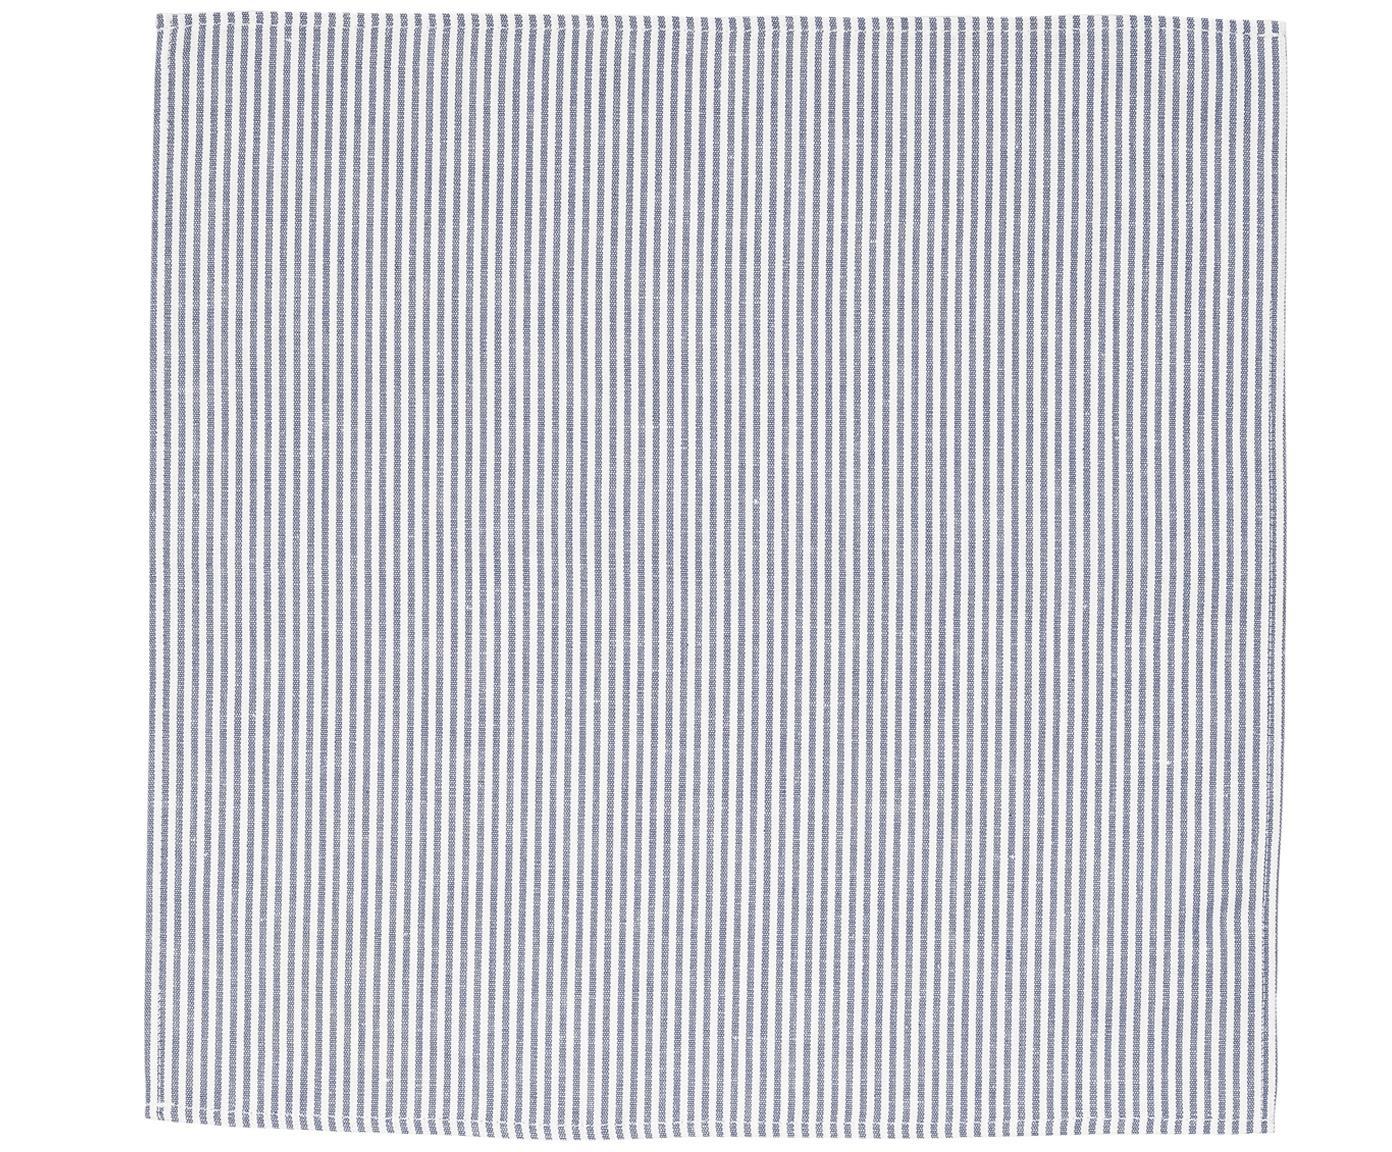 Stoff-Serviette Streifen aus Halbleinen, Weiss, Blau, 45 x 45 cm